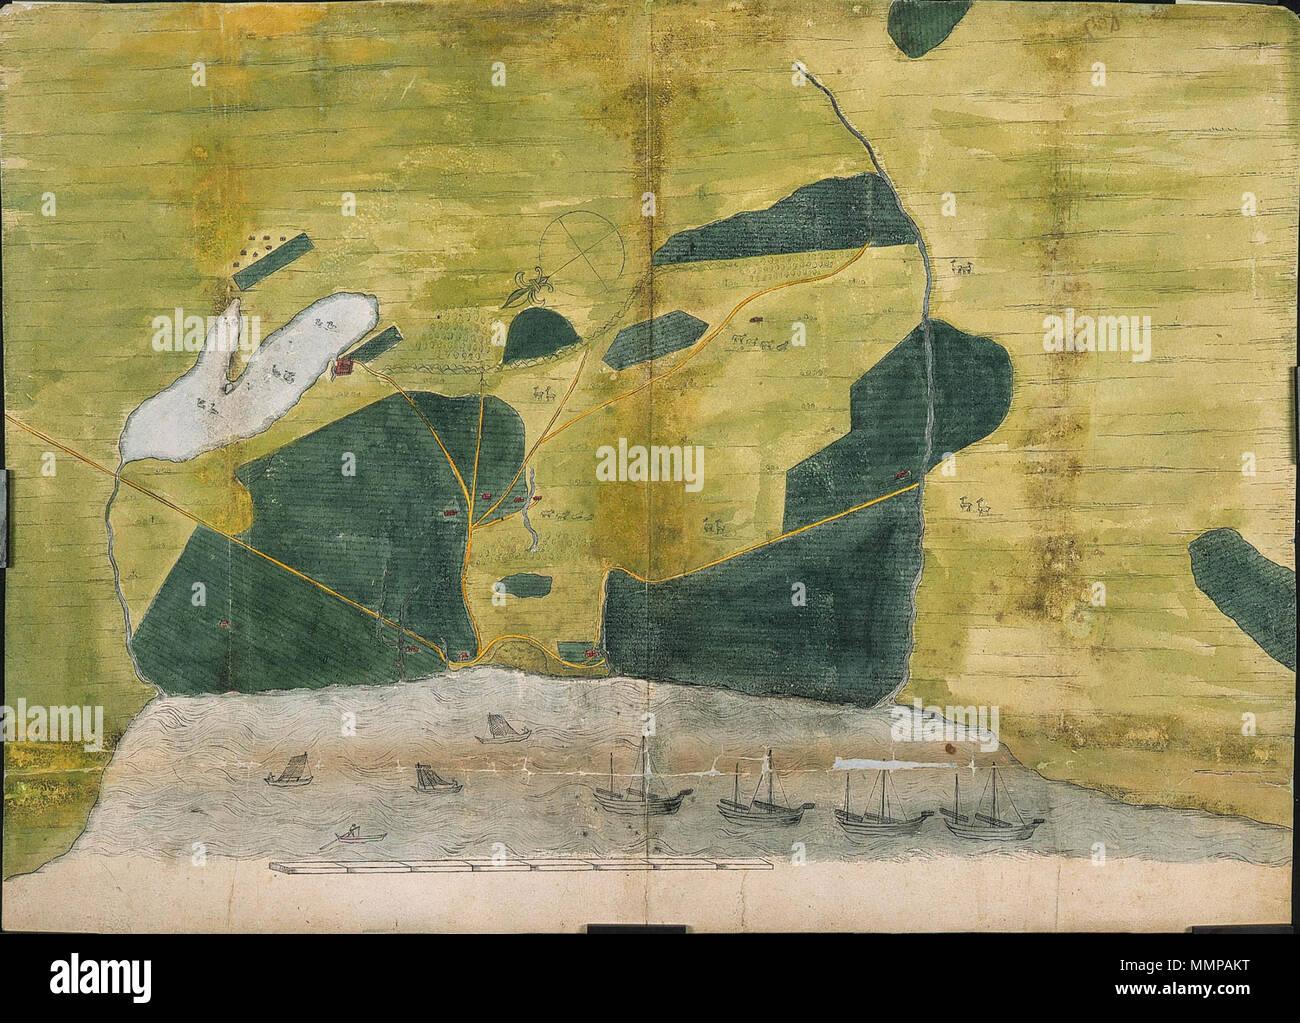 . Nederlands: Titel catalogus Leupe (NA): Caerte van de besayde velden aen Saccam. Gerestaureerd, Echter su op de middenvouw weer ingescheurd. Notities tergo: Caerte vande Besaeyde velden aen Saccan n. 8 / Behoort da het dagregister des kasteels Zeelandia op Formosa eindigende 8 aug. 1644 uit portefeuille 1644 n. III / 598 d / 427. De tekening toont de nel 1644 porta gouverneur Francois Garon uitgevoerde verkaveling van rijst en suikerrietvelden, ten zuiden van Fort Zeelandia op Formosa. Inglese: Secondo il catalogo Leupe (NA), il titolo originale recita: Caerte van de besayde velden aen Sa Immagini Stock